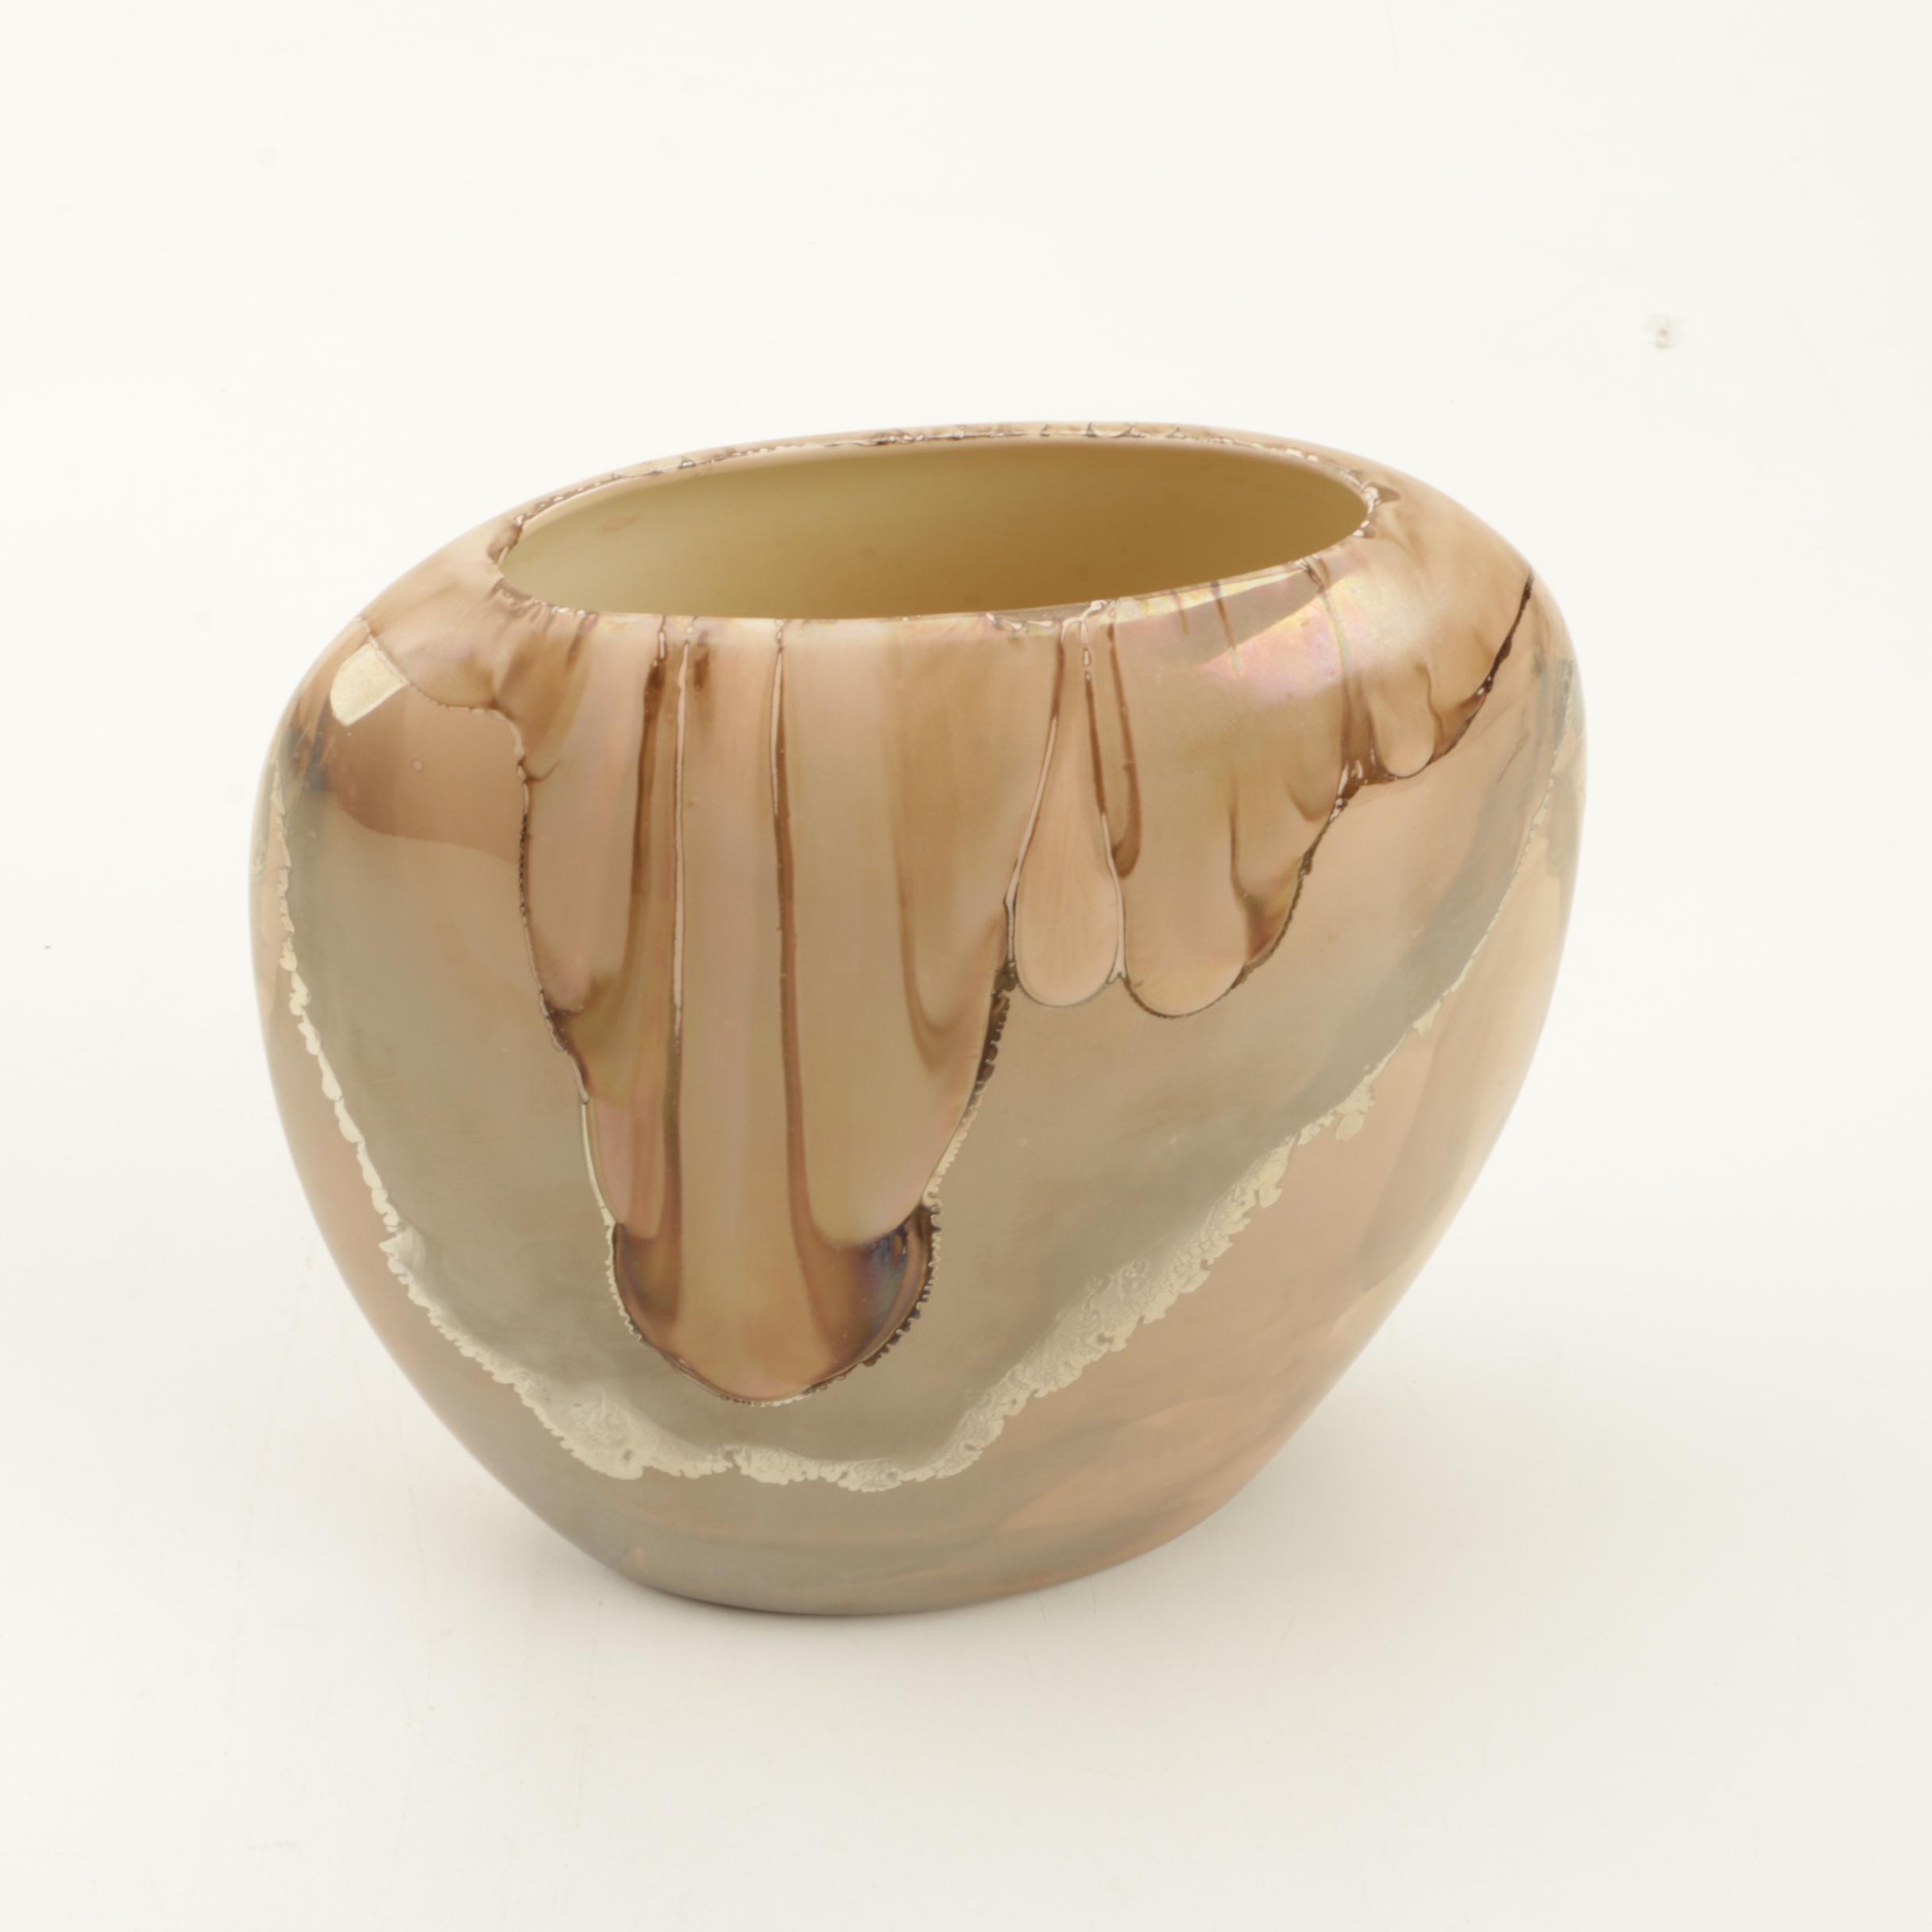 Signed Crystalline Drip Glazed White Stoneware Vase